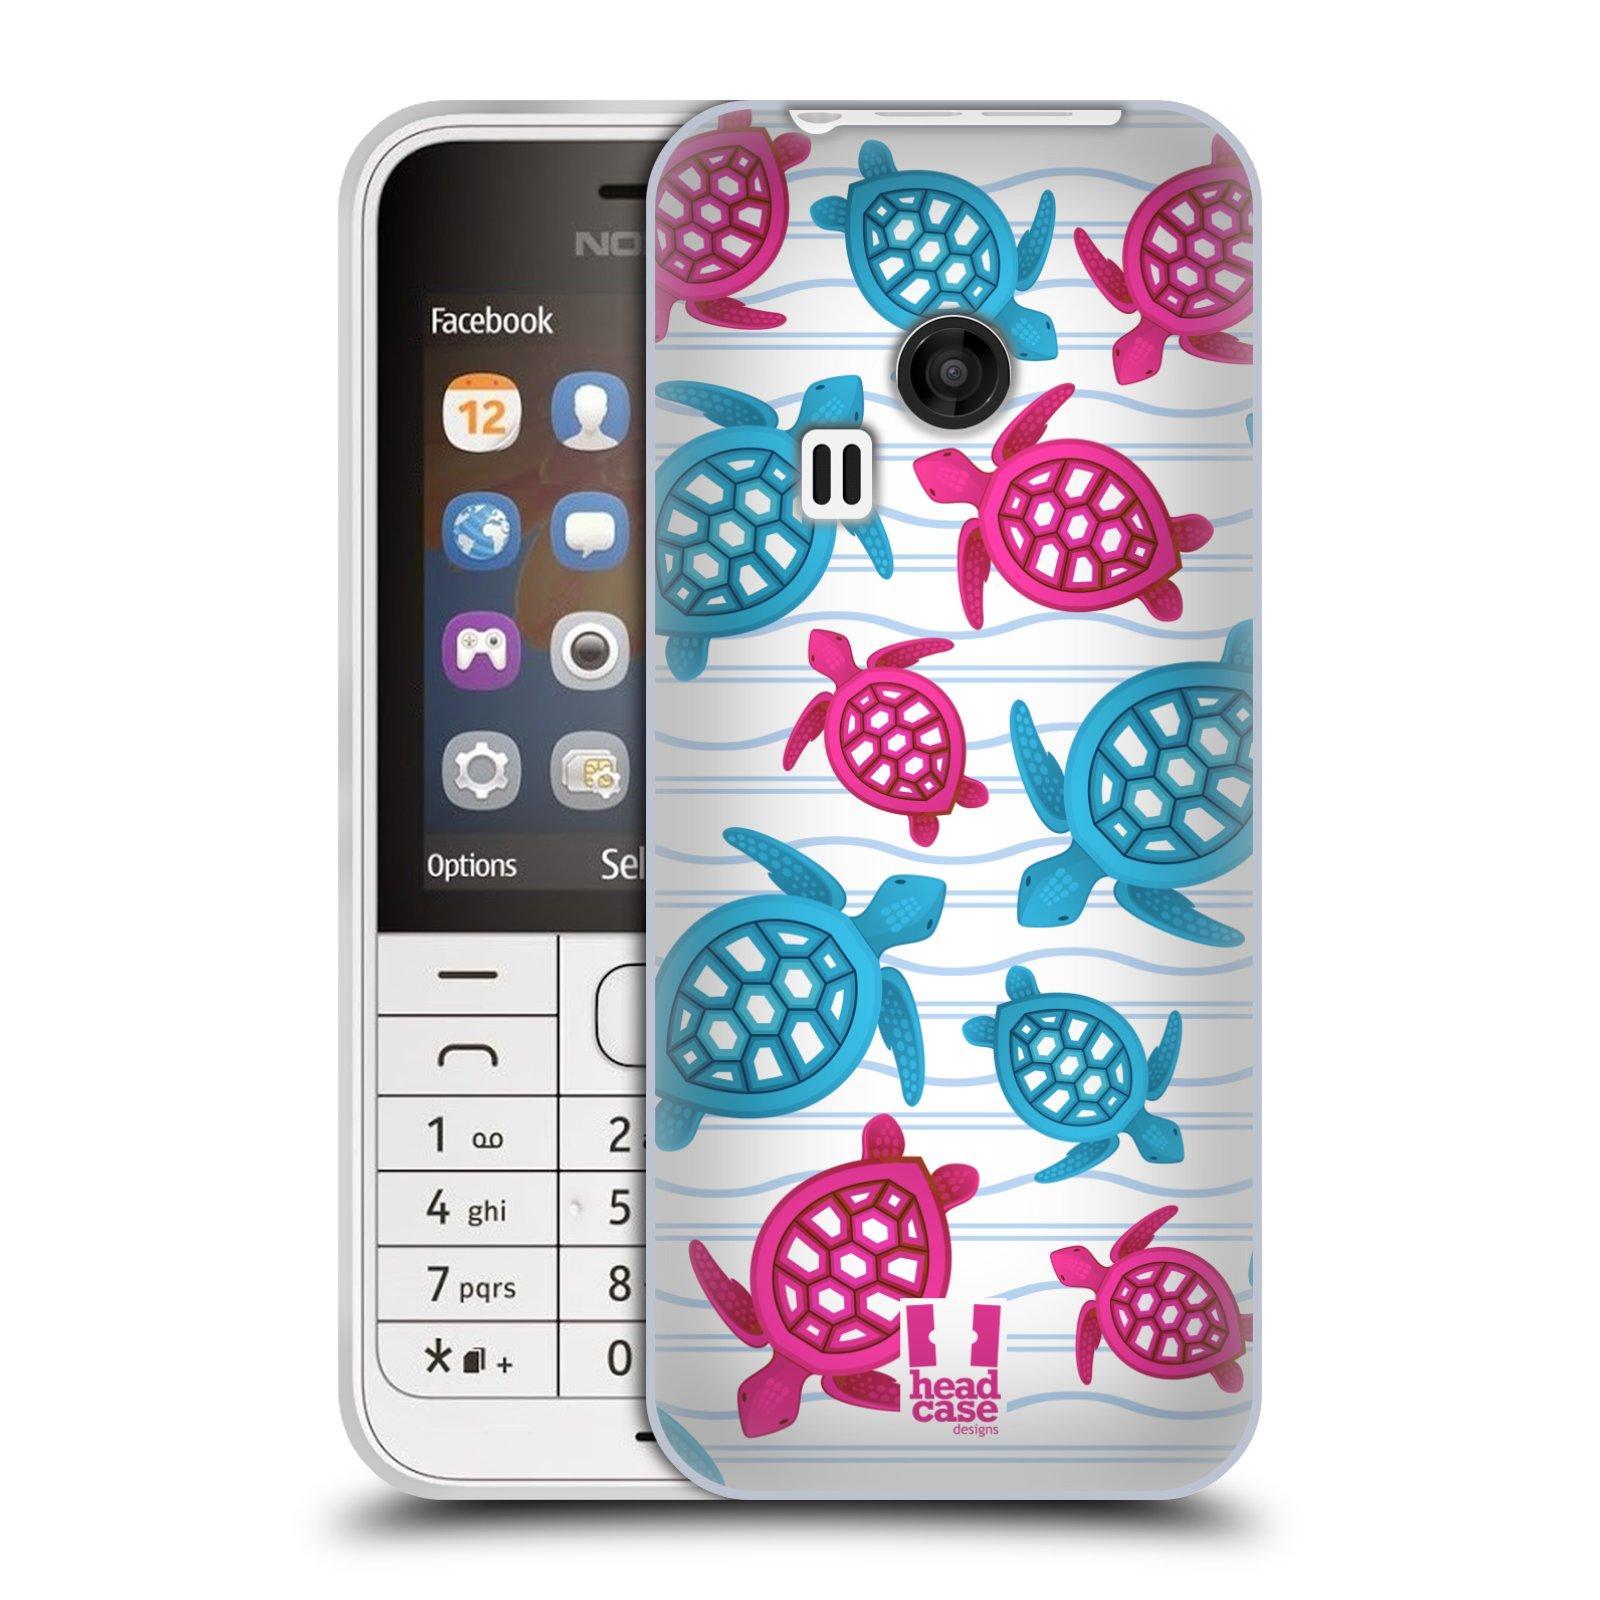 HEAD CASE silikonový obal na mobil NOKIA 220 / NOKIA 220 DUAL SIM vzor mořský živočich želva modrá a růžová